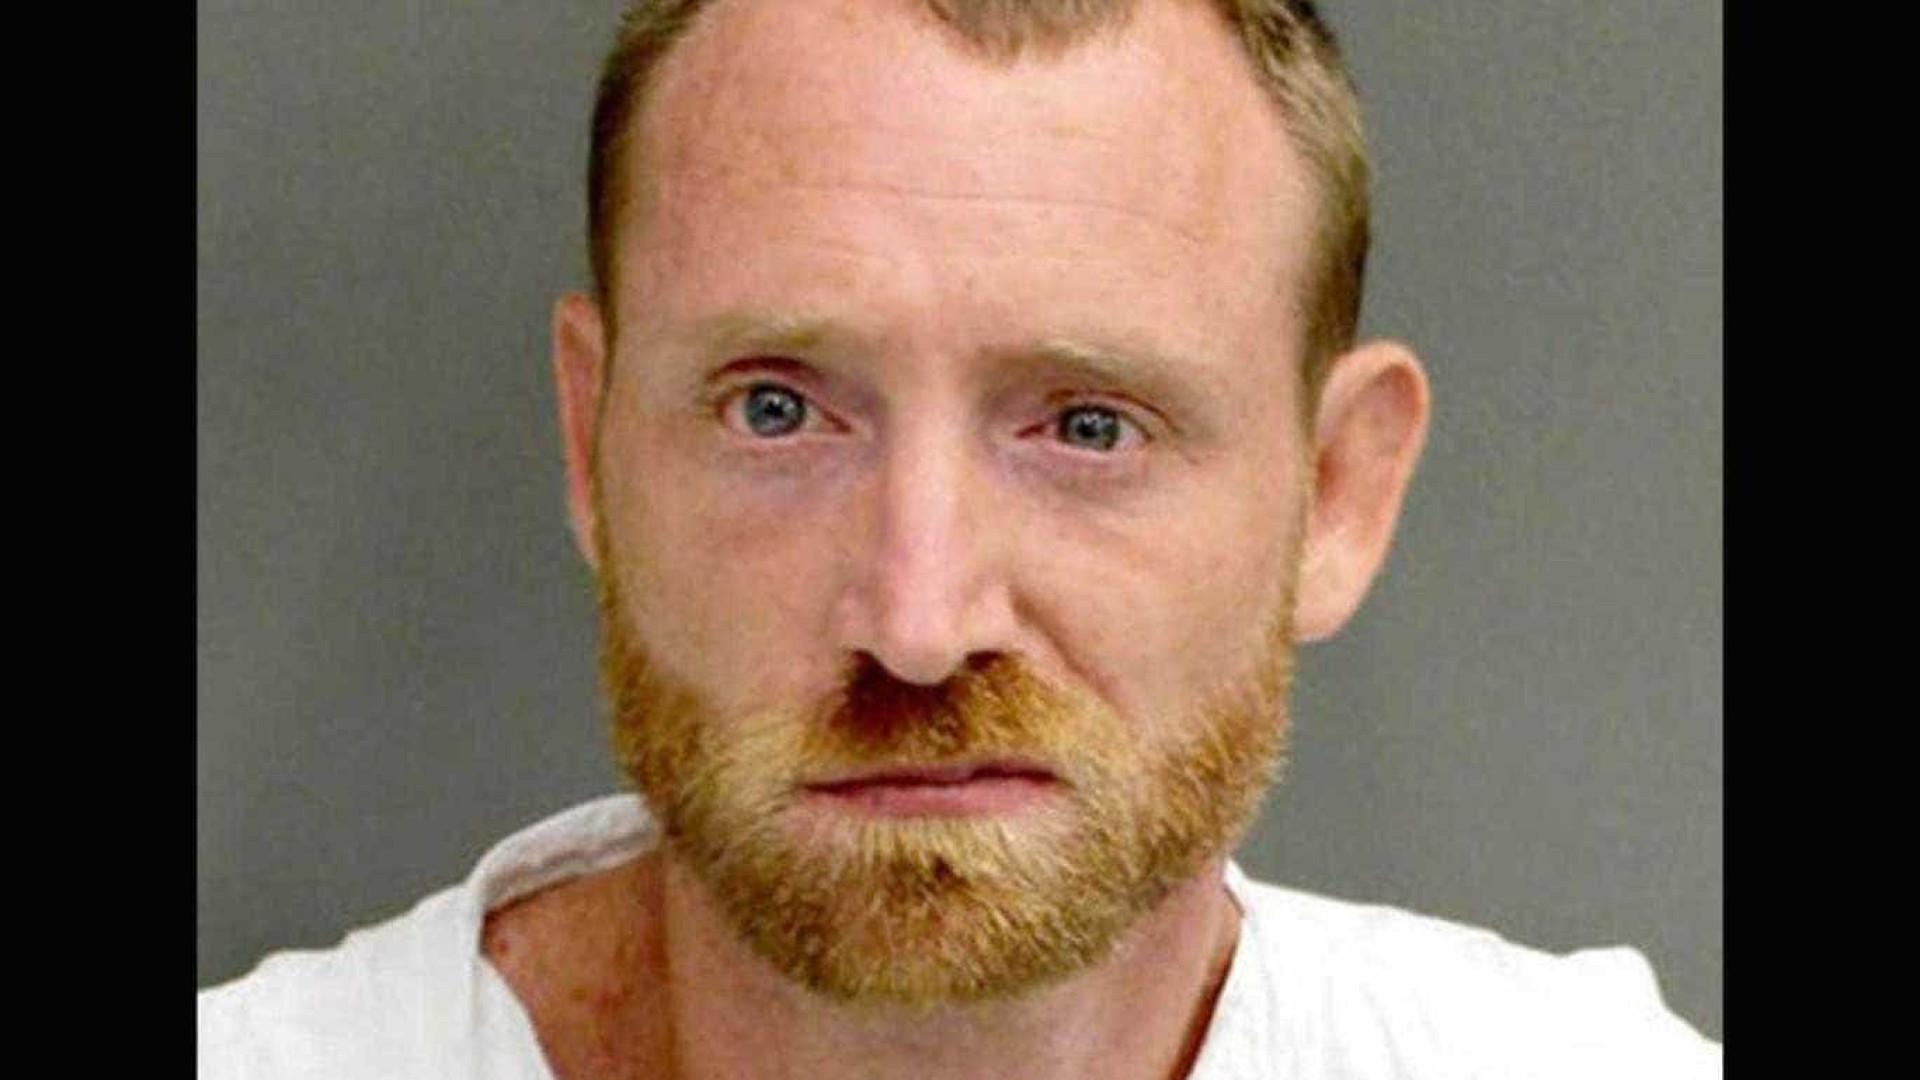 Homem é preso em flagrante sob suspeita de abusar de criança de 2 anos